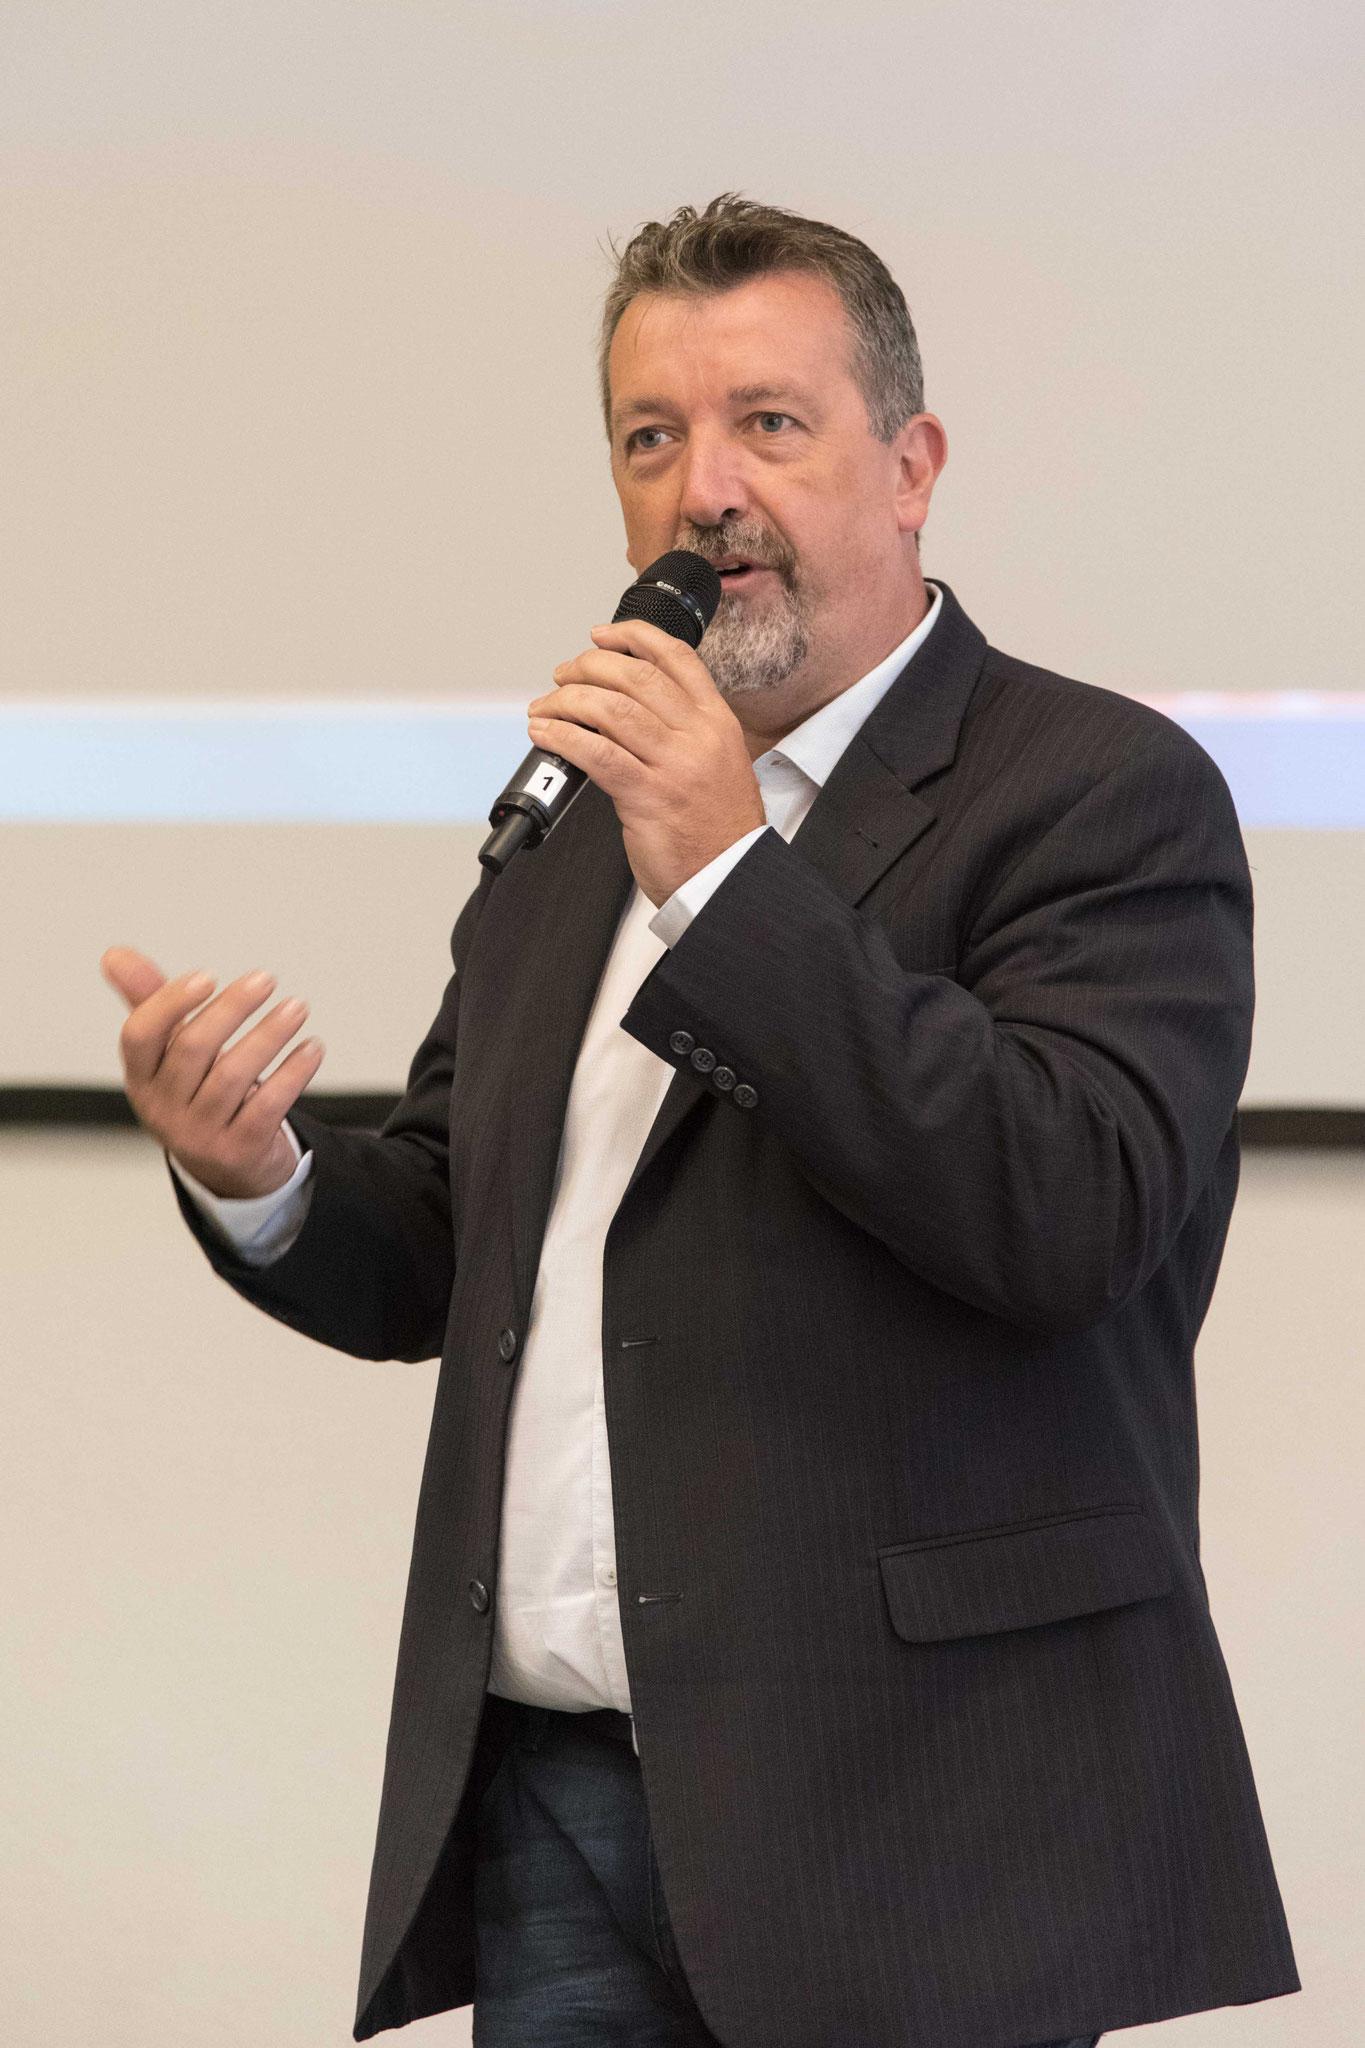 Bürgermeister Bernd Fuhrmann, Bad Berleburg